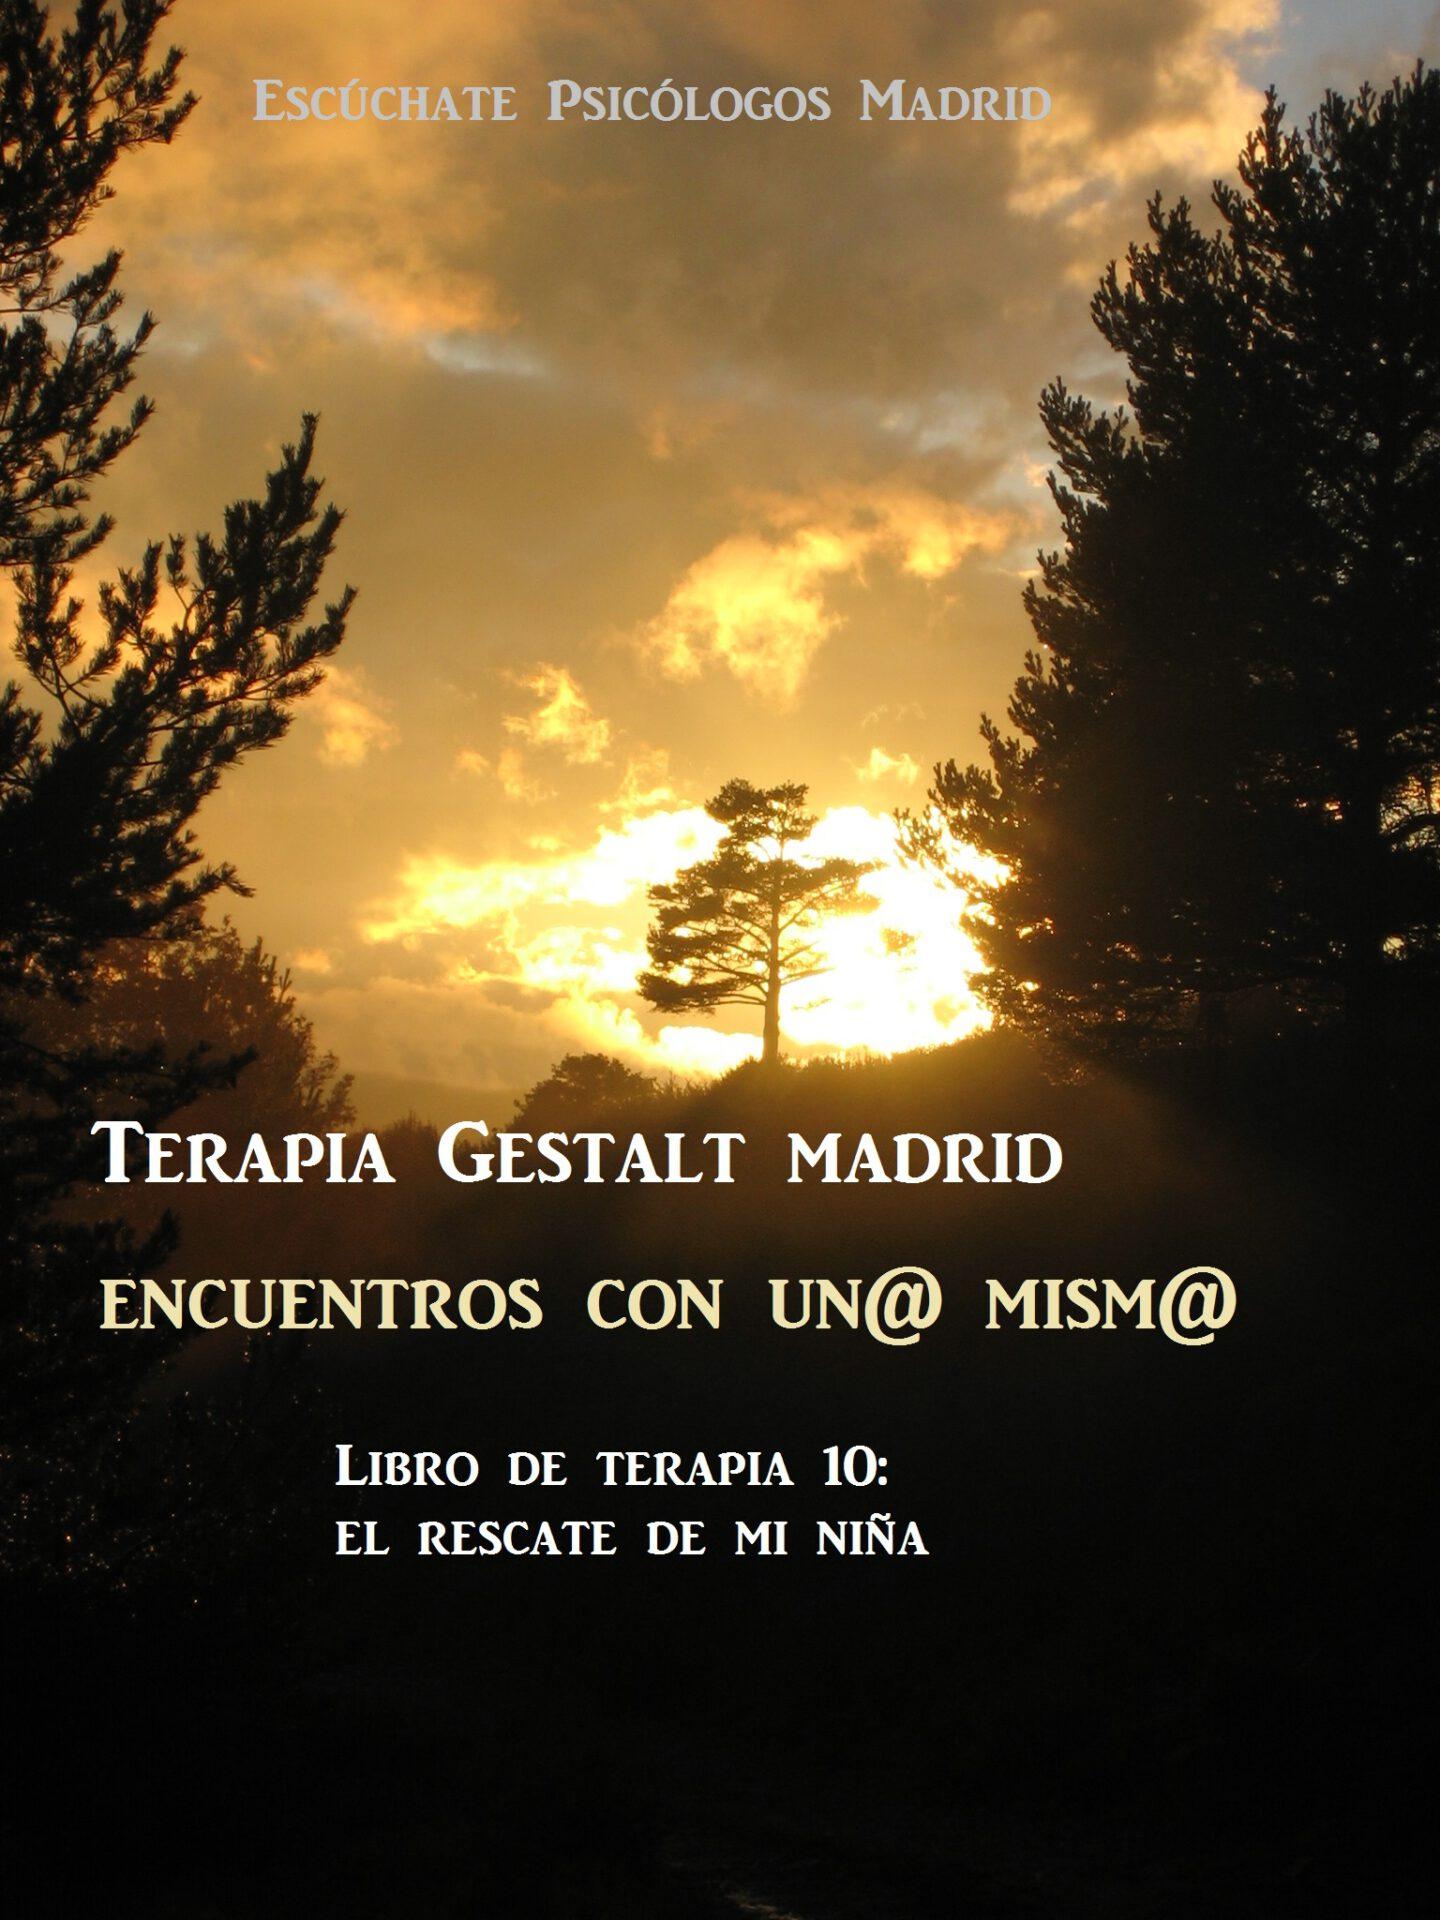 terapeutas buenos en madrid